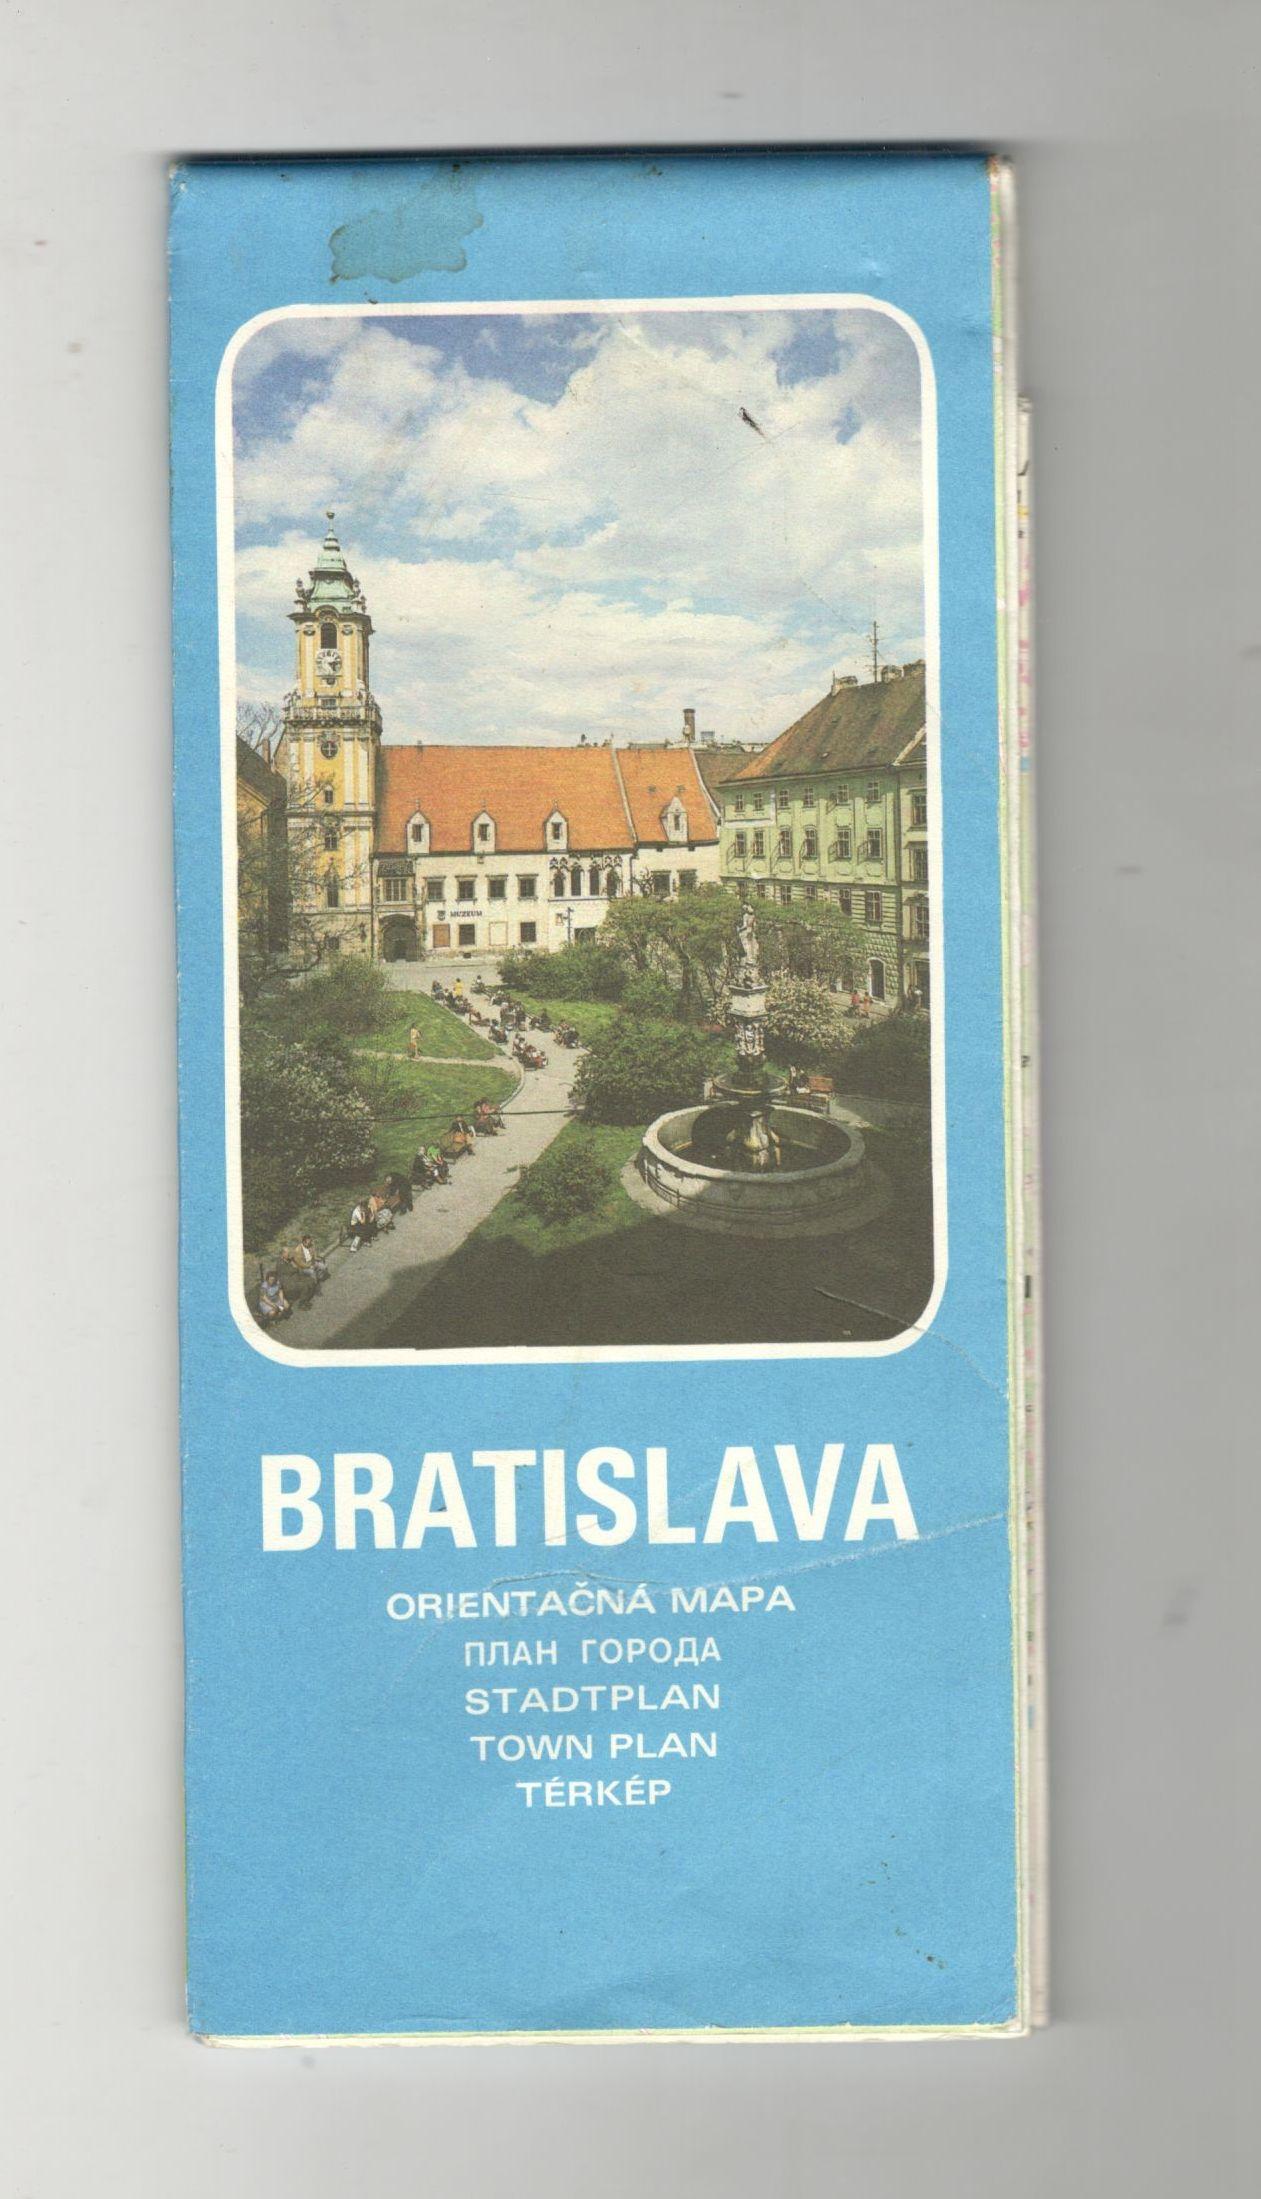 Bratislava - orientačná mapa ( slovensky, rusky, německy, anglicky, maďarsky)